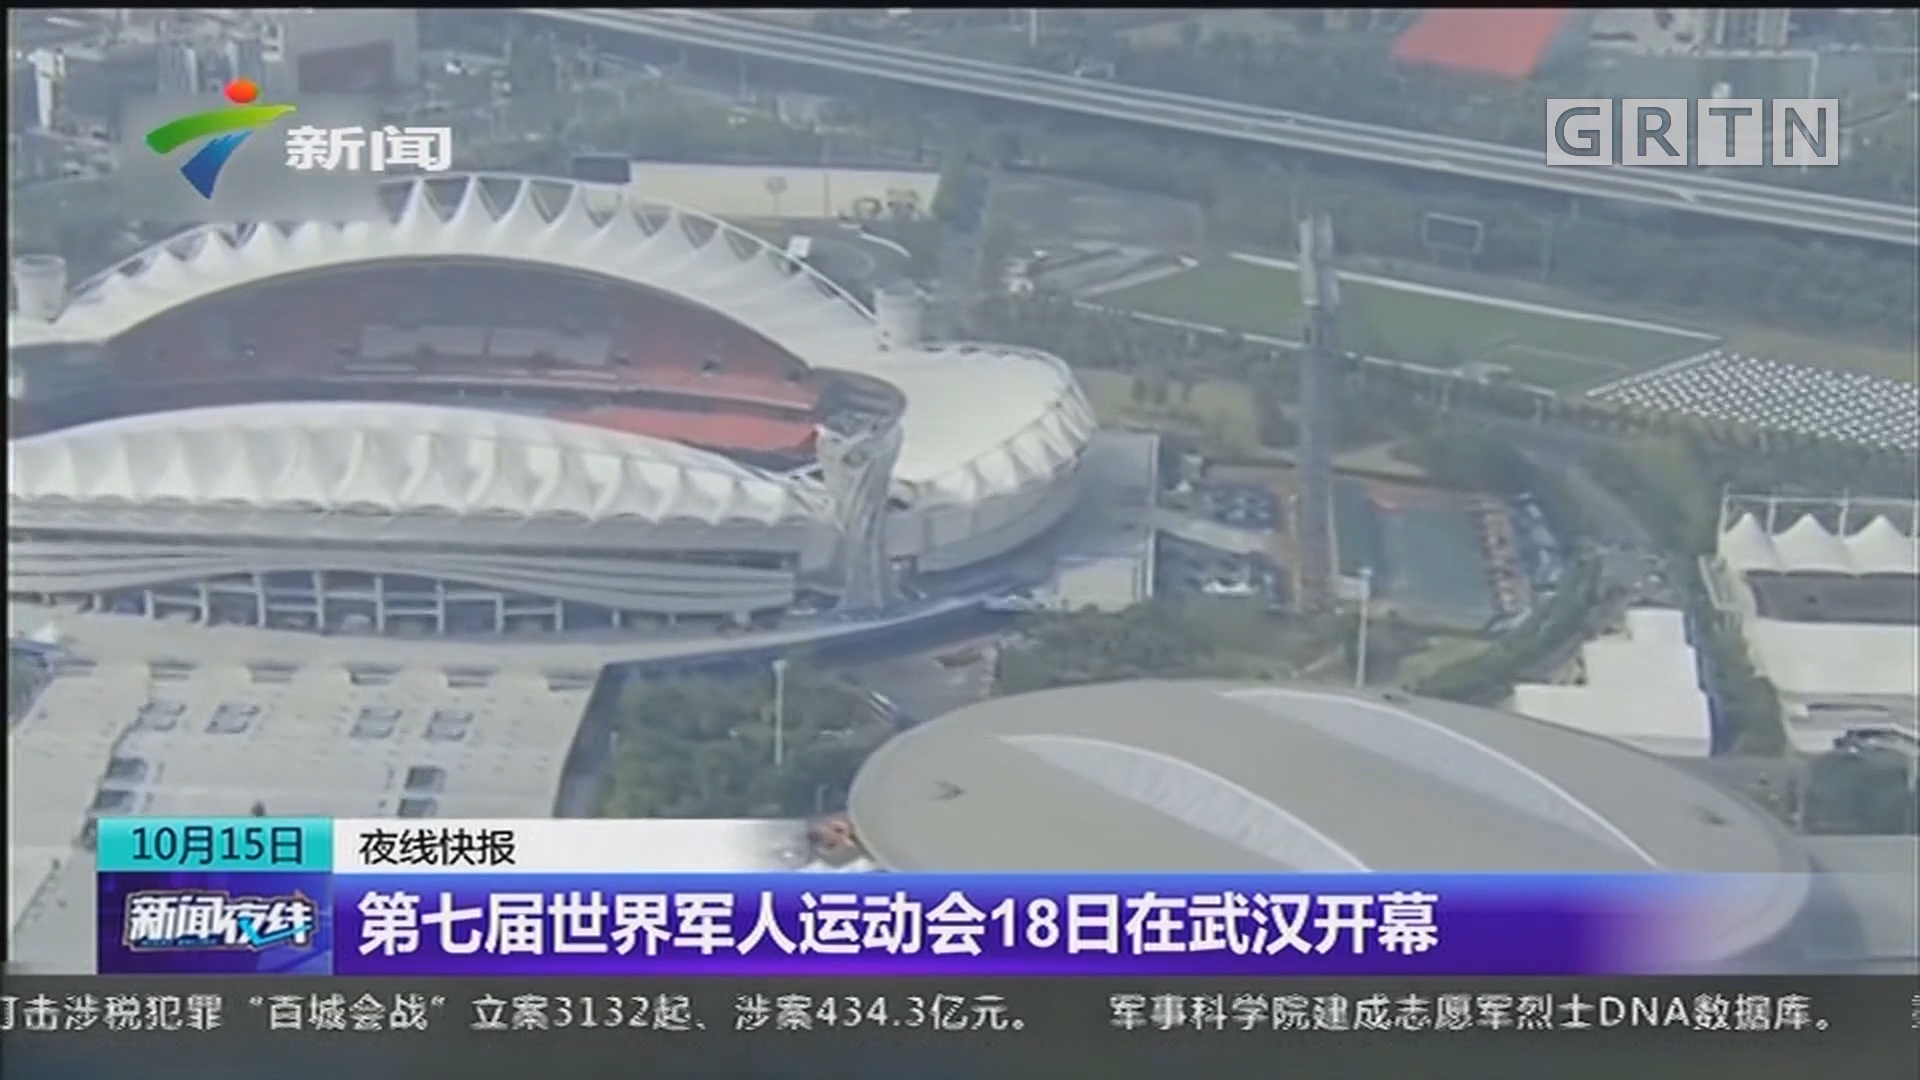 第七届世界军人运动会18日在武汉开慕